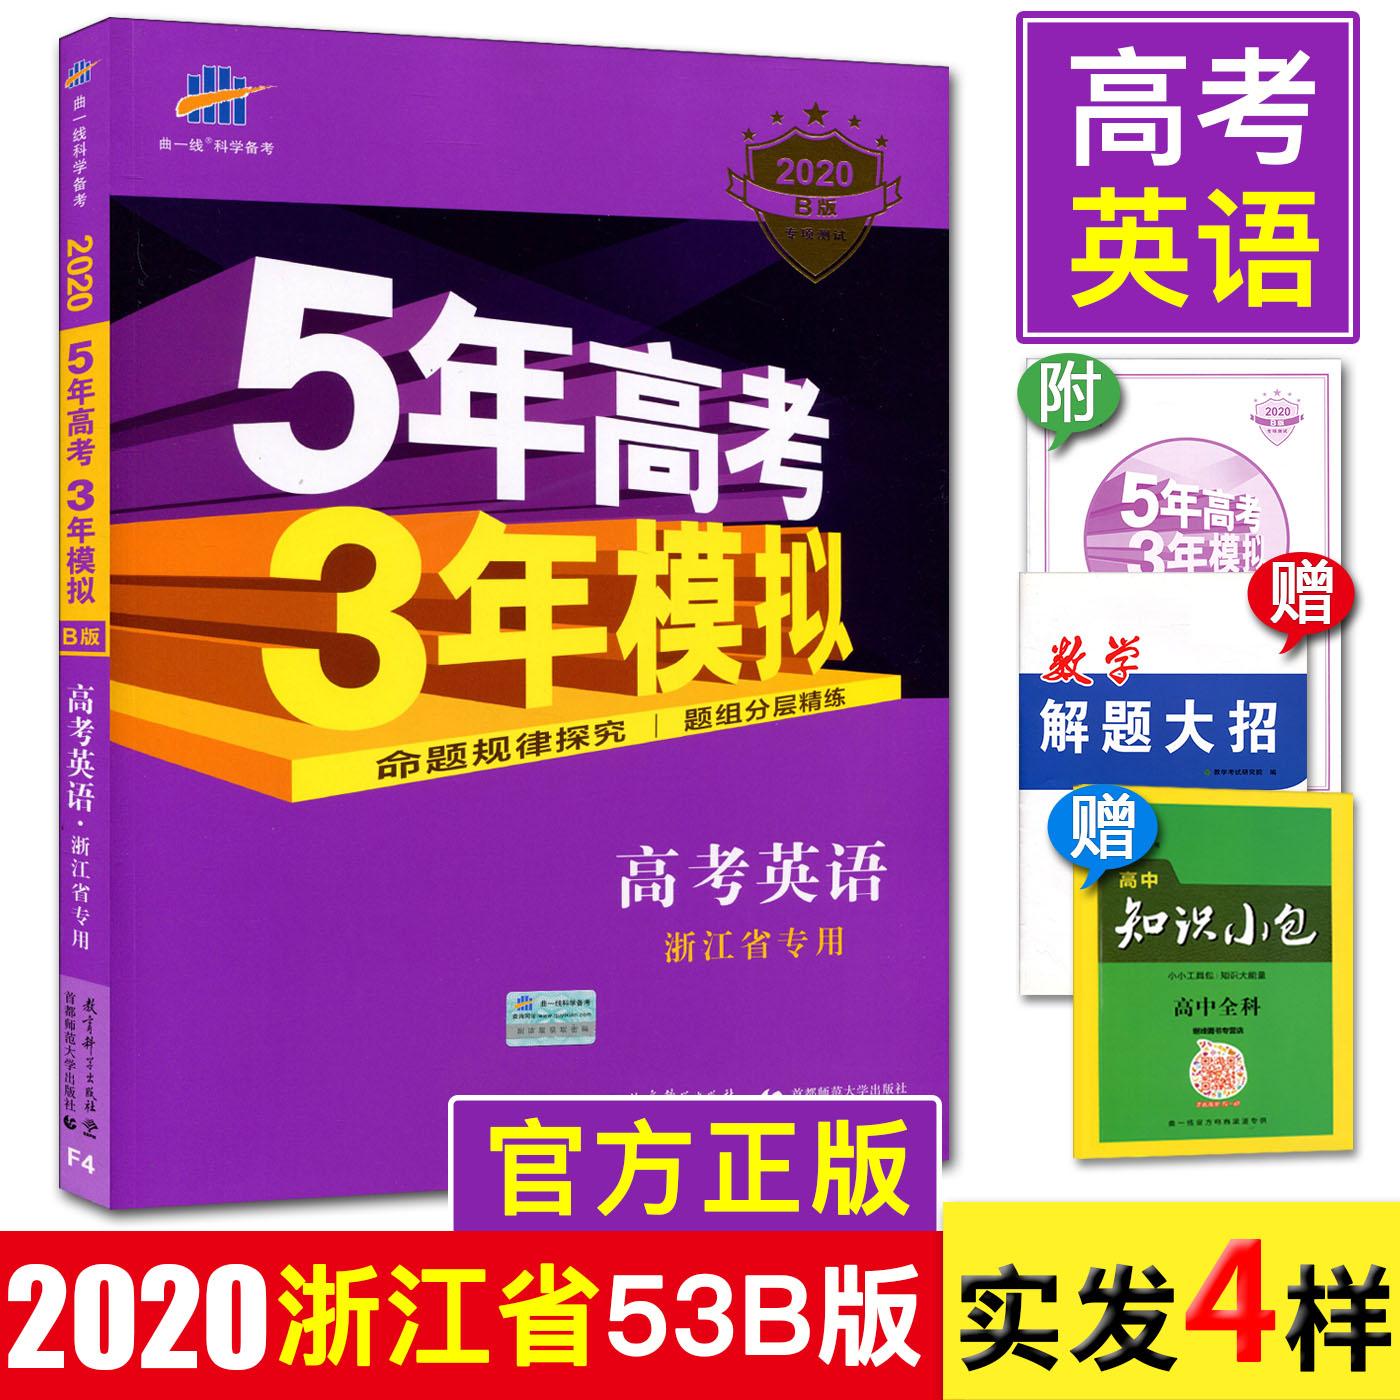 新版2020版B版五年高考三年模拟高考英语浙江省 5年高考3年模拟英语 53高考英语b版 五三高考英语2020 高考真题高考必刷题专项训练